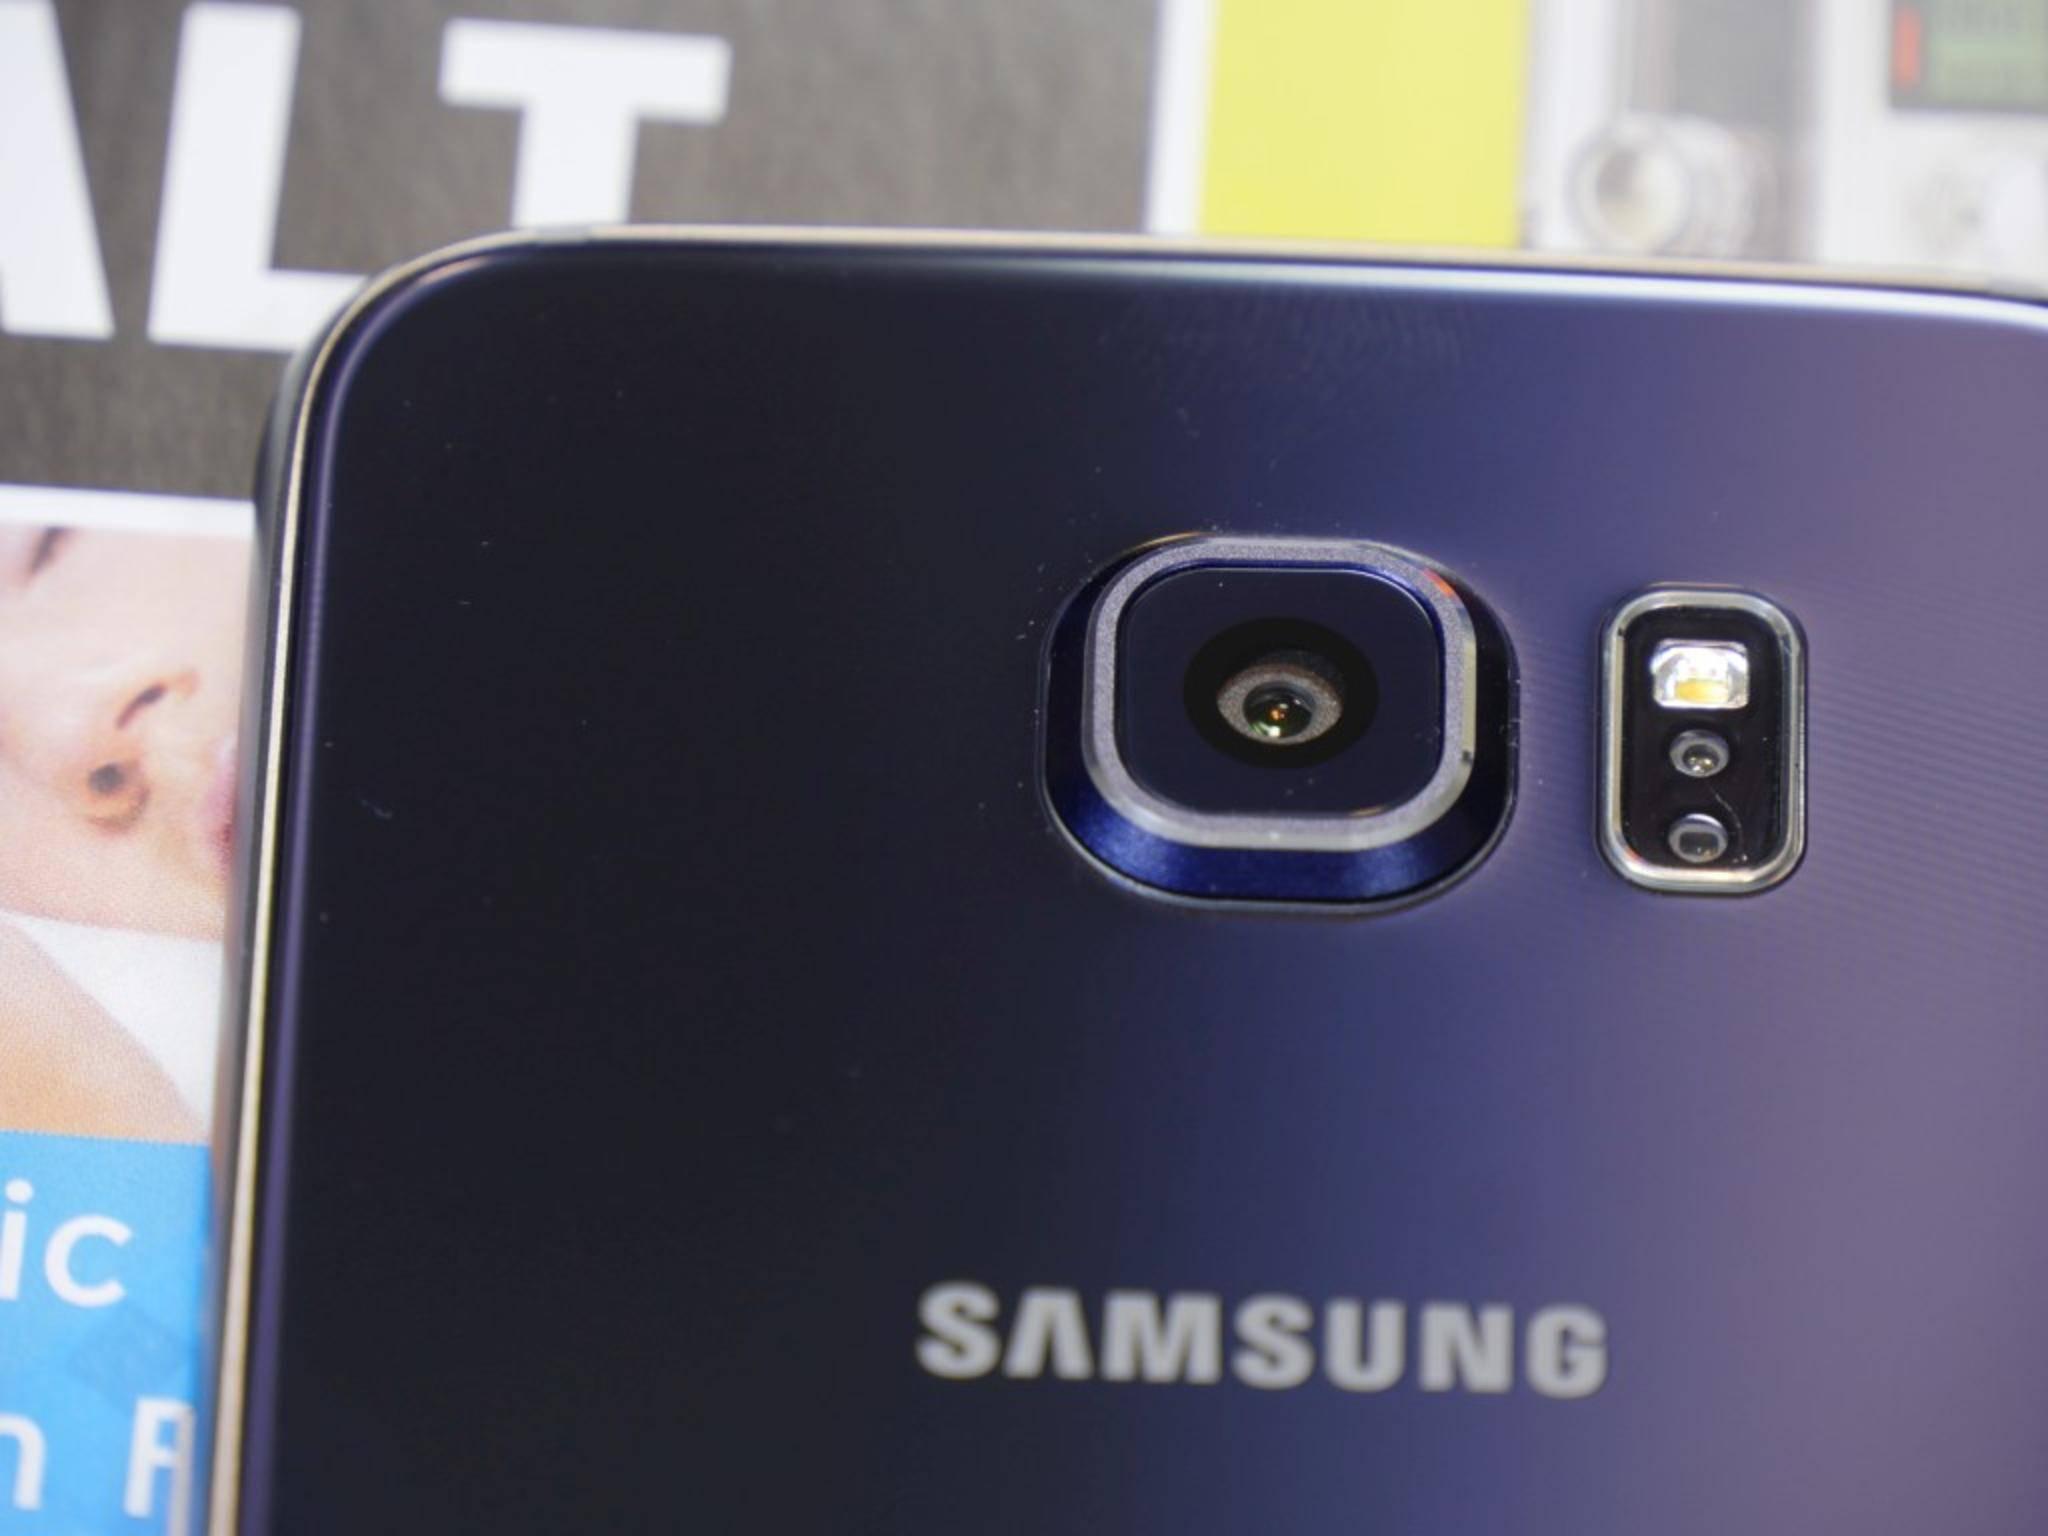 Das Update auf Android 5.1 bringt mehr Features für das Galaxy S6 als gedacht.